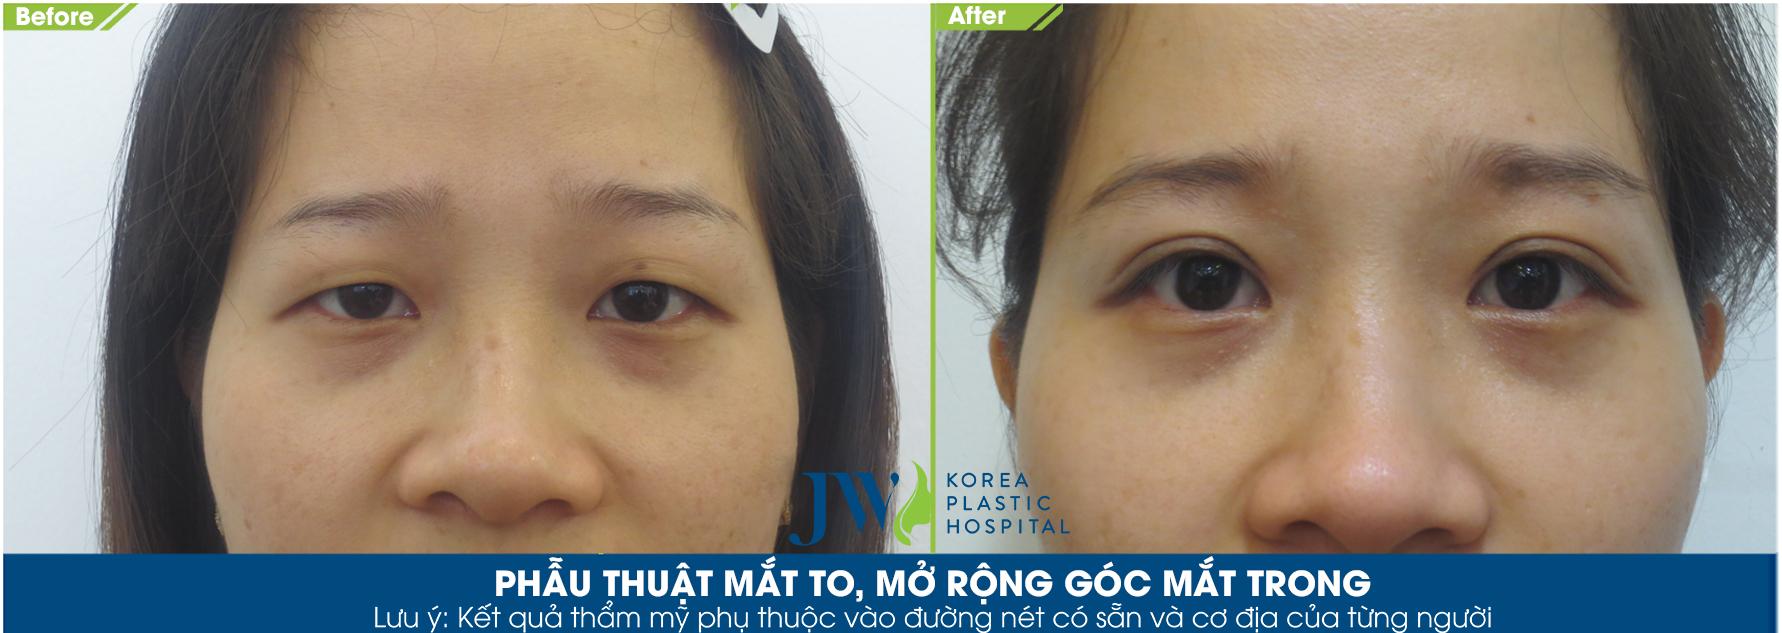 Đôi mắt mới của khách hàng đẹp tự nhiên và hài hòa với khuôn mặt